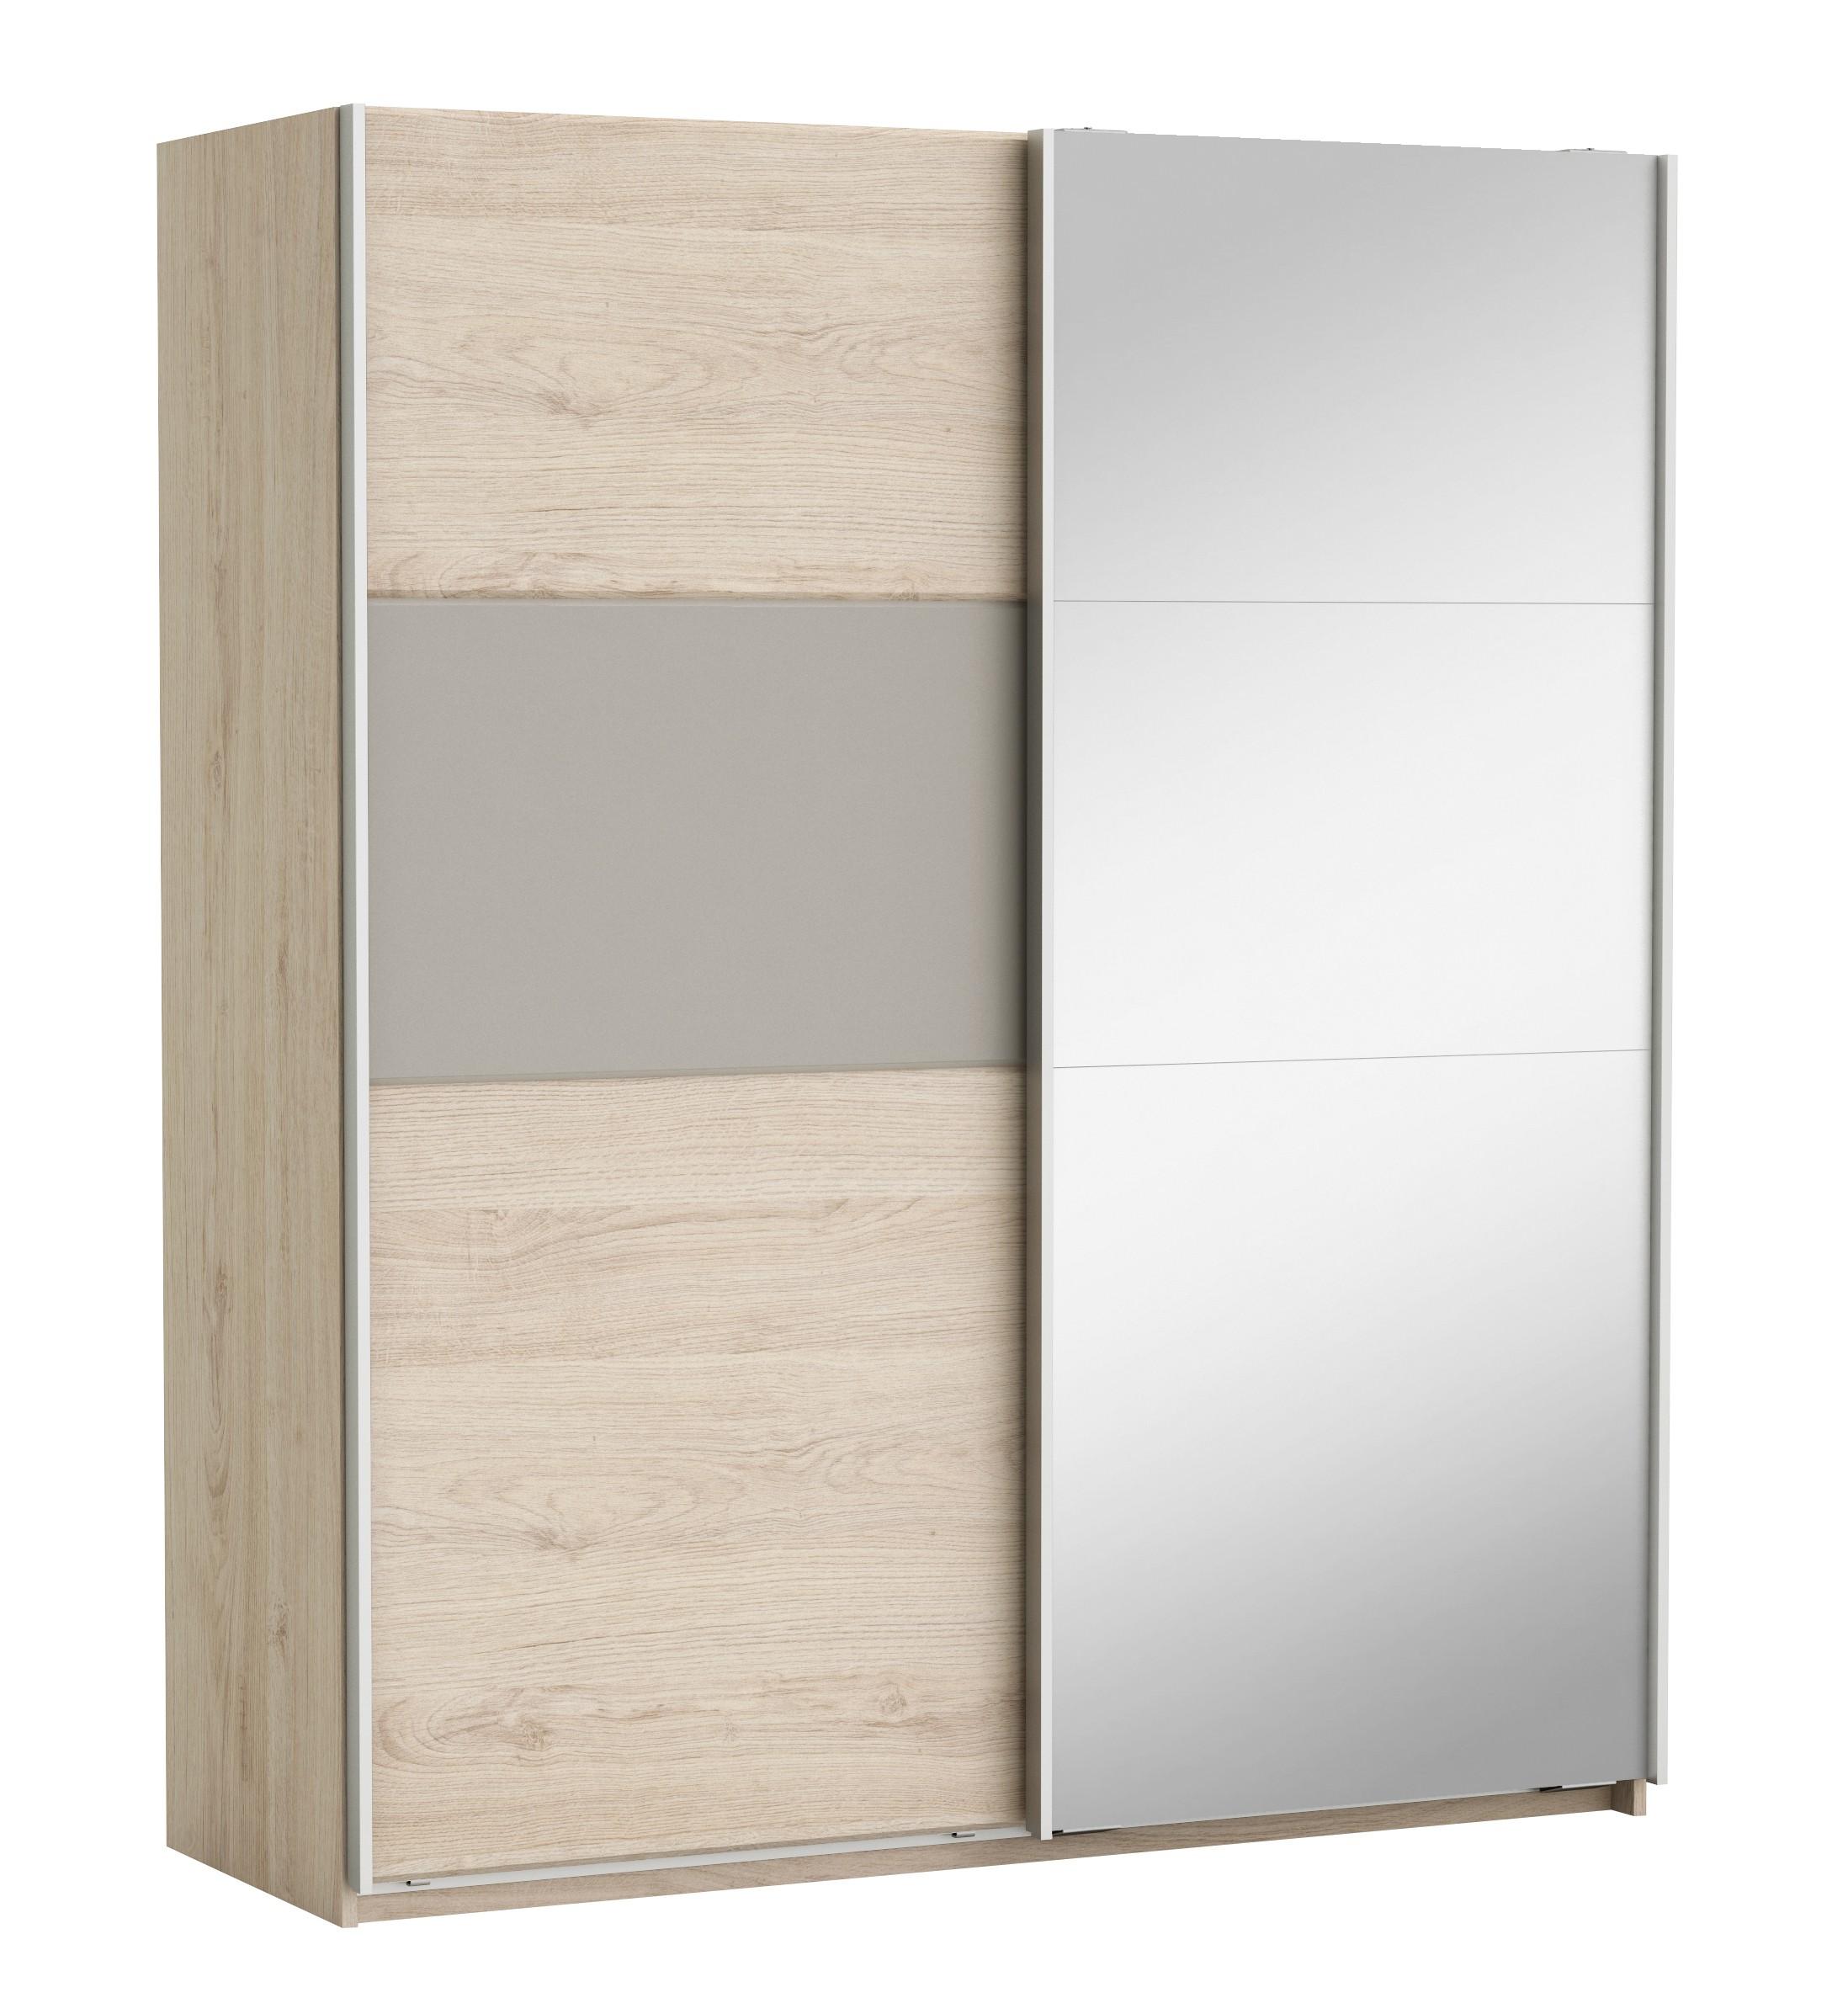 schwebet renschrank manolo beige 2 t ren b 170 cm kleiderschr nke. Black Bedroom Furniture Sets. Home Design Ideas